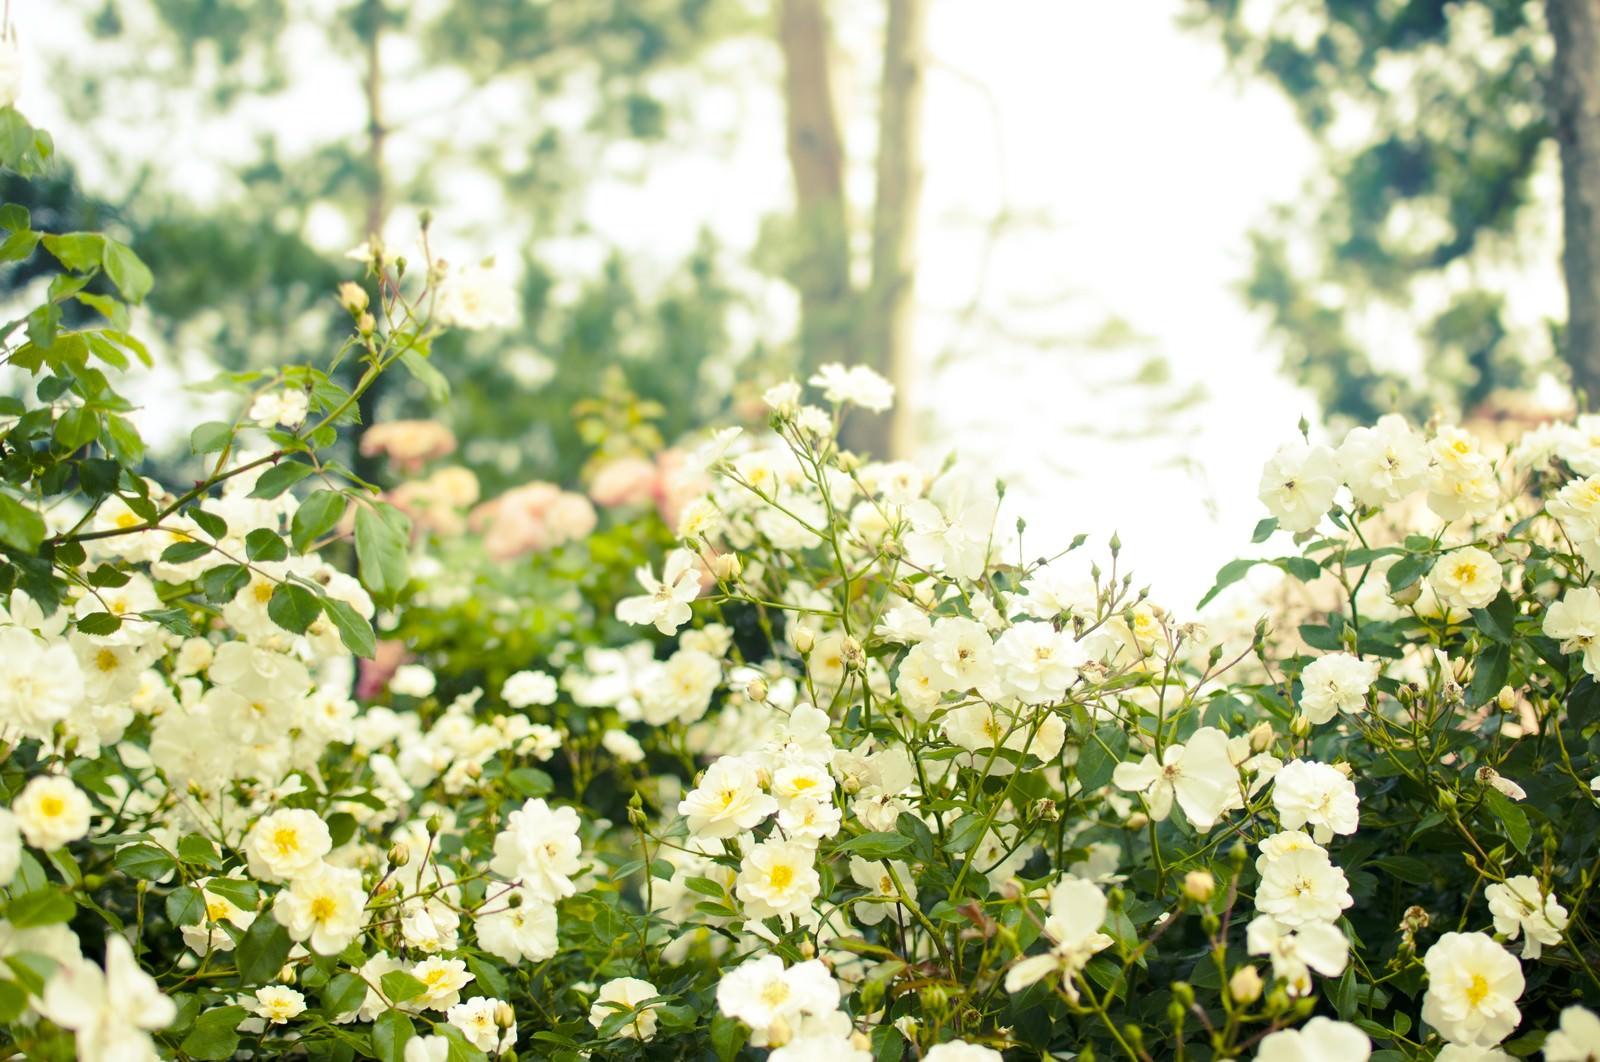 「木漏れ日の中に咲くバラ」